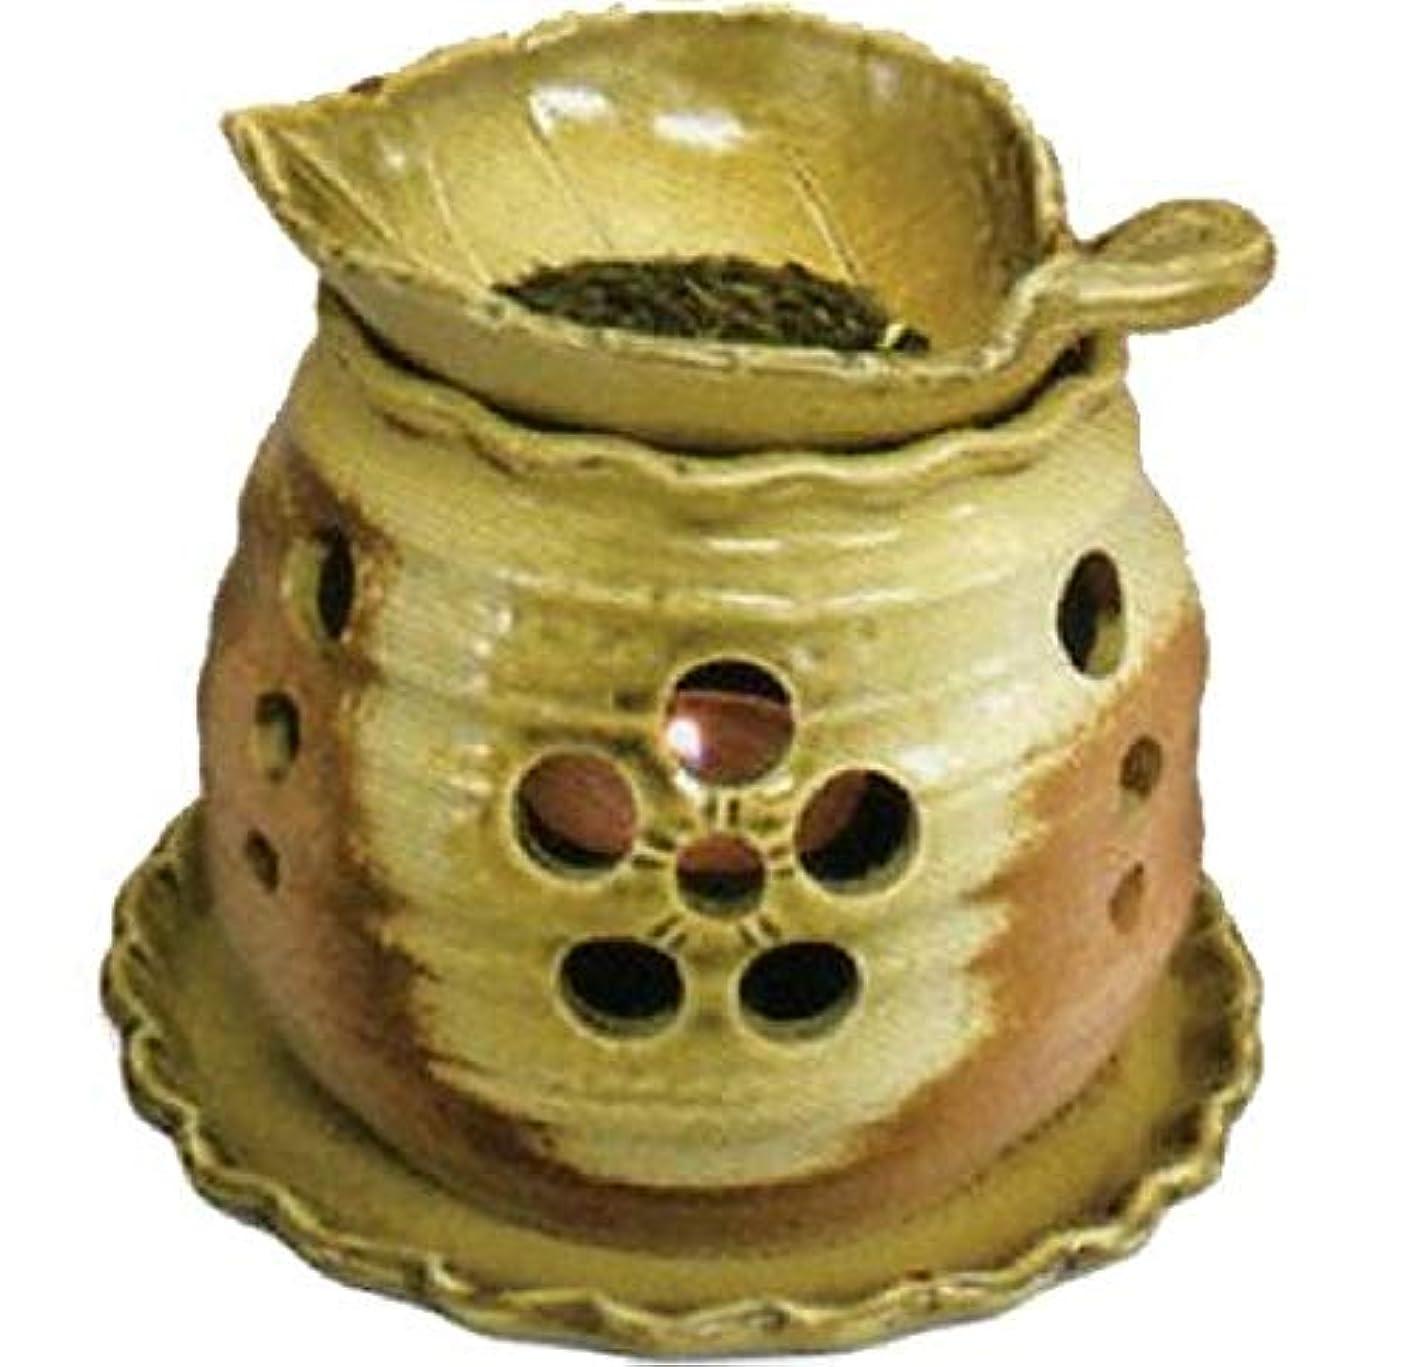 不屈爪強調する常滑焼 創器 ゆとり 茶香炉 径:13.2cm 高さ:11.5cm 木の葉の皿付 サ39-09